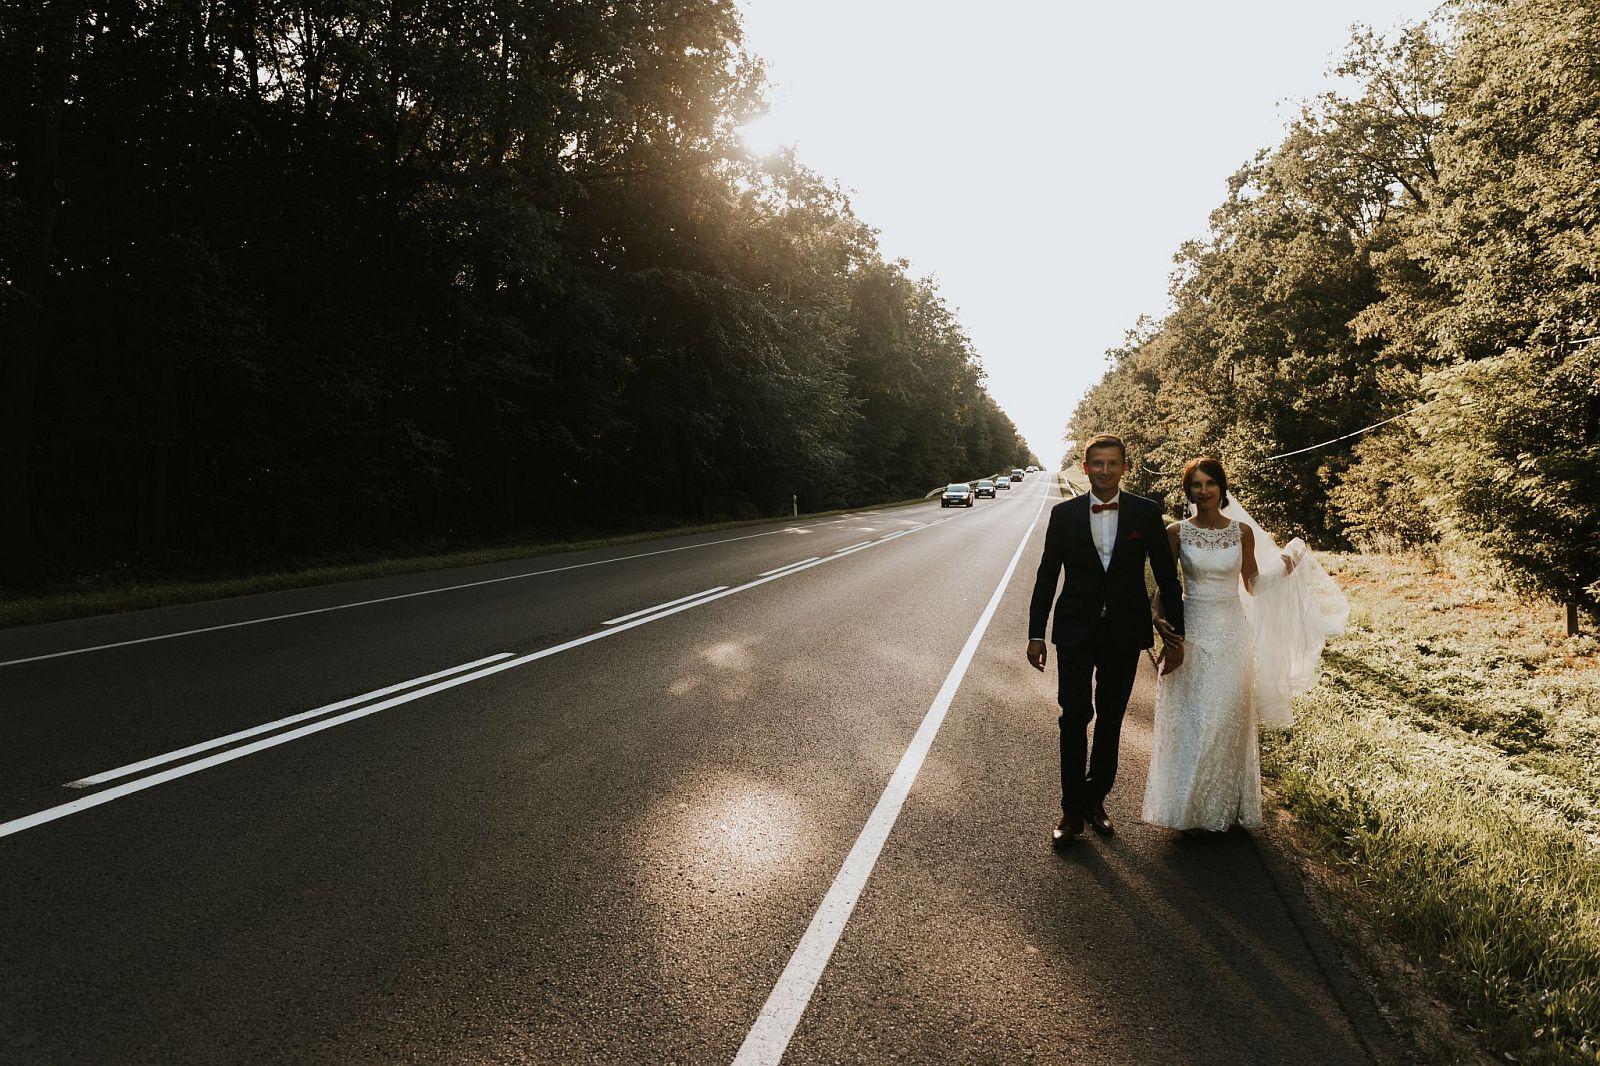 sesja ślubna w lesie Nowy dwór mazowiecki